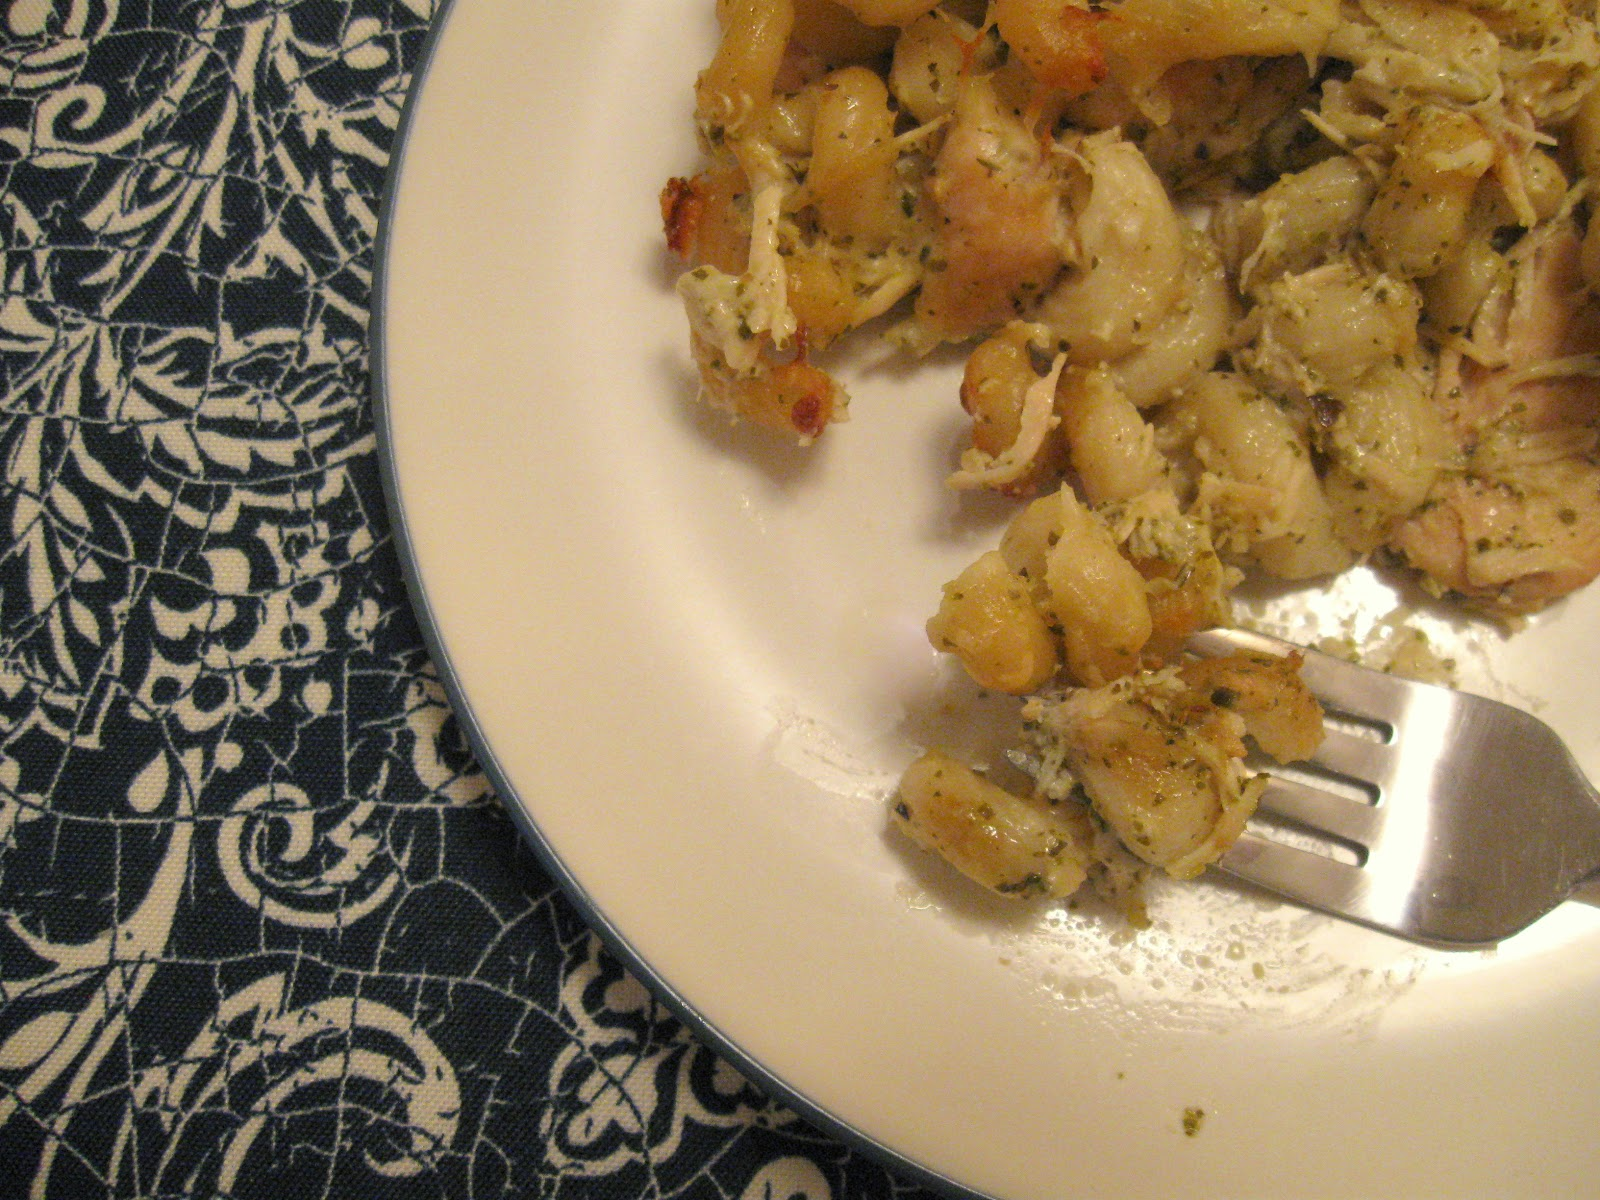 Dinner in Parker Ford: Creamy Pesto-Chicken Casserole